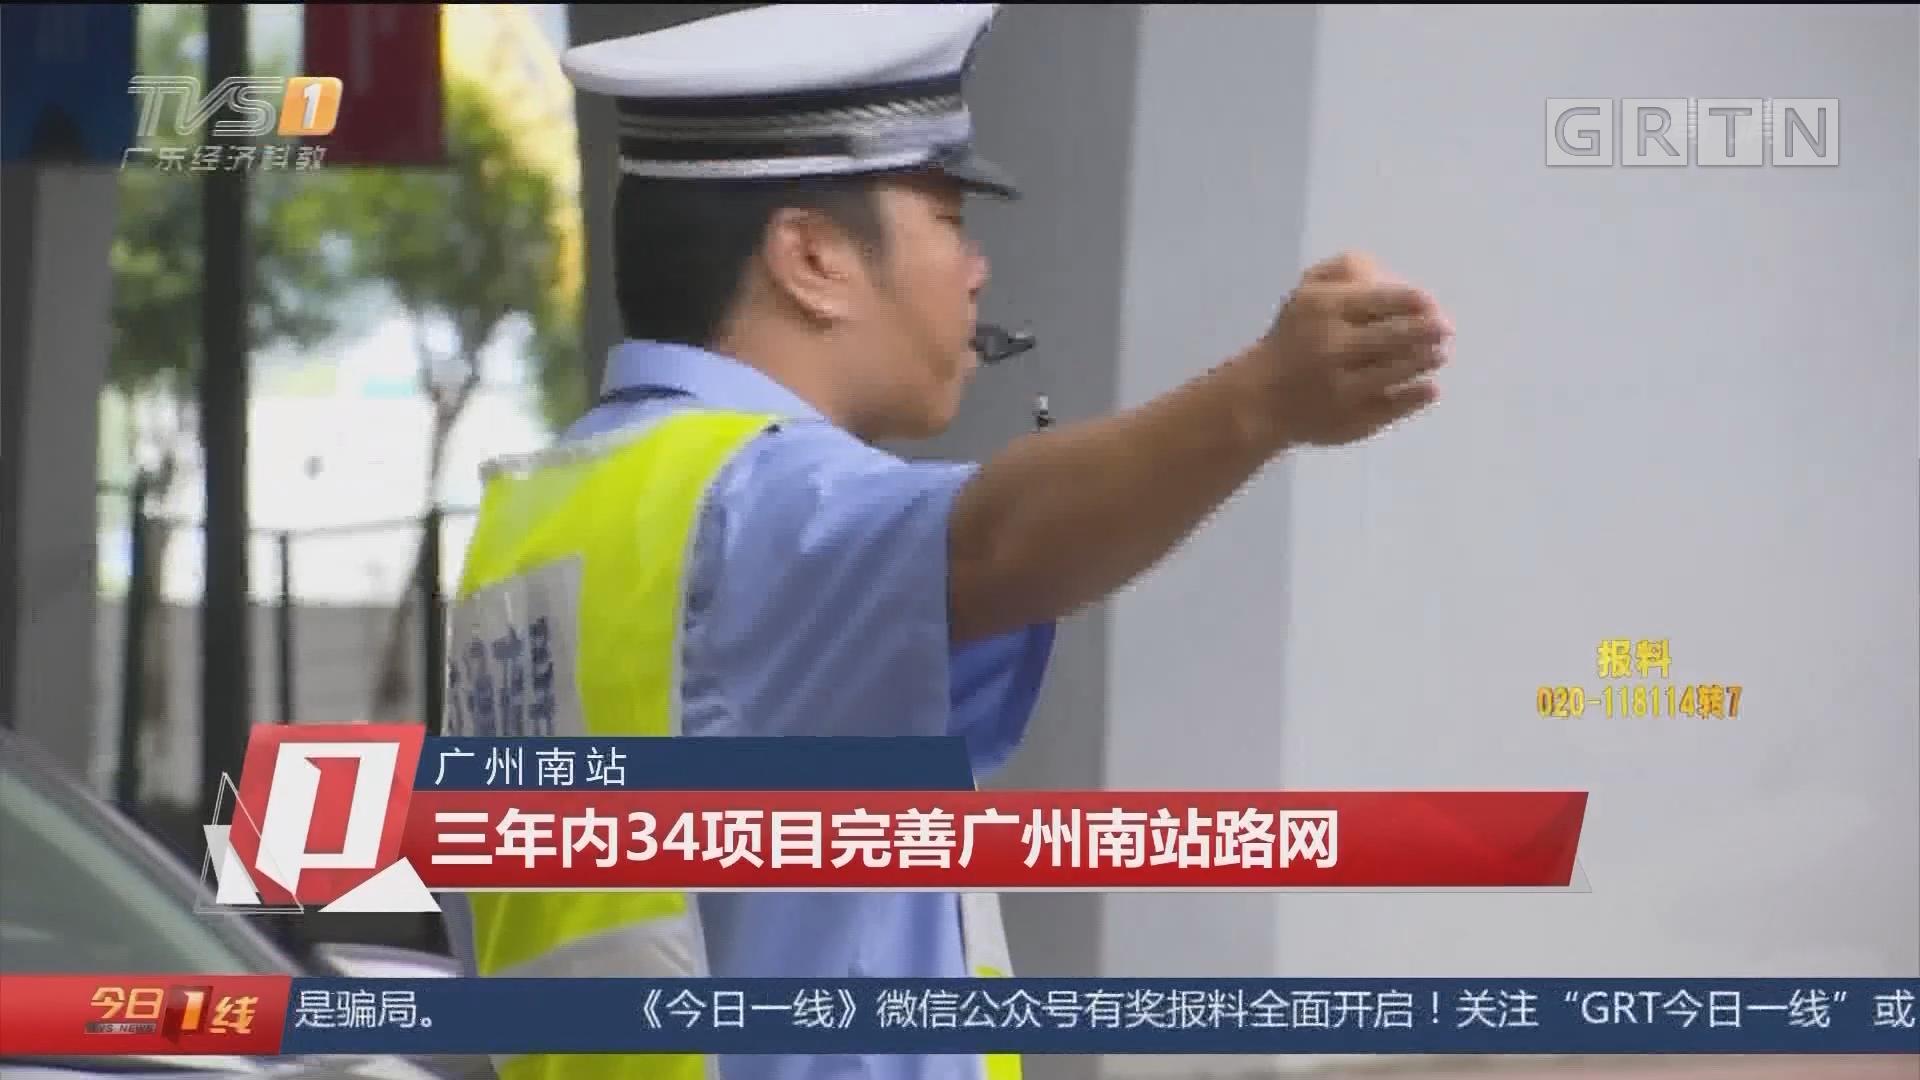 广州南站:三年内34项目完善广州南站路网